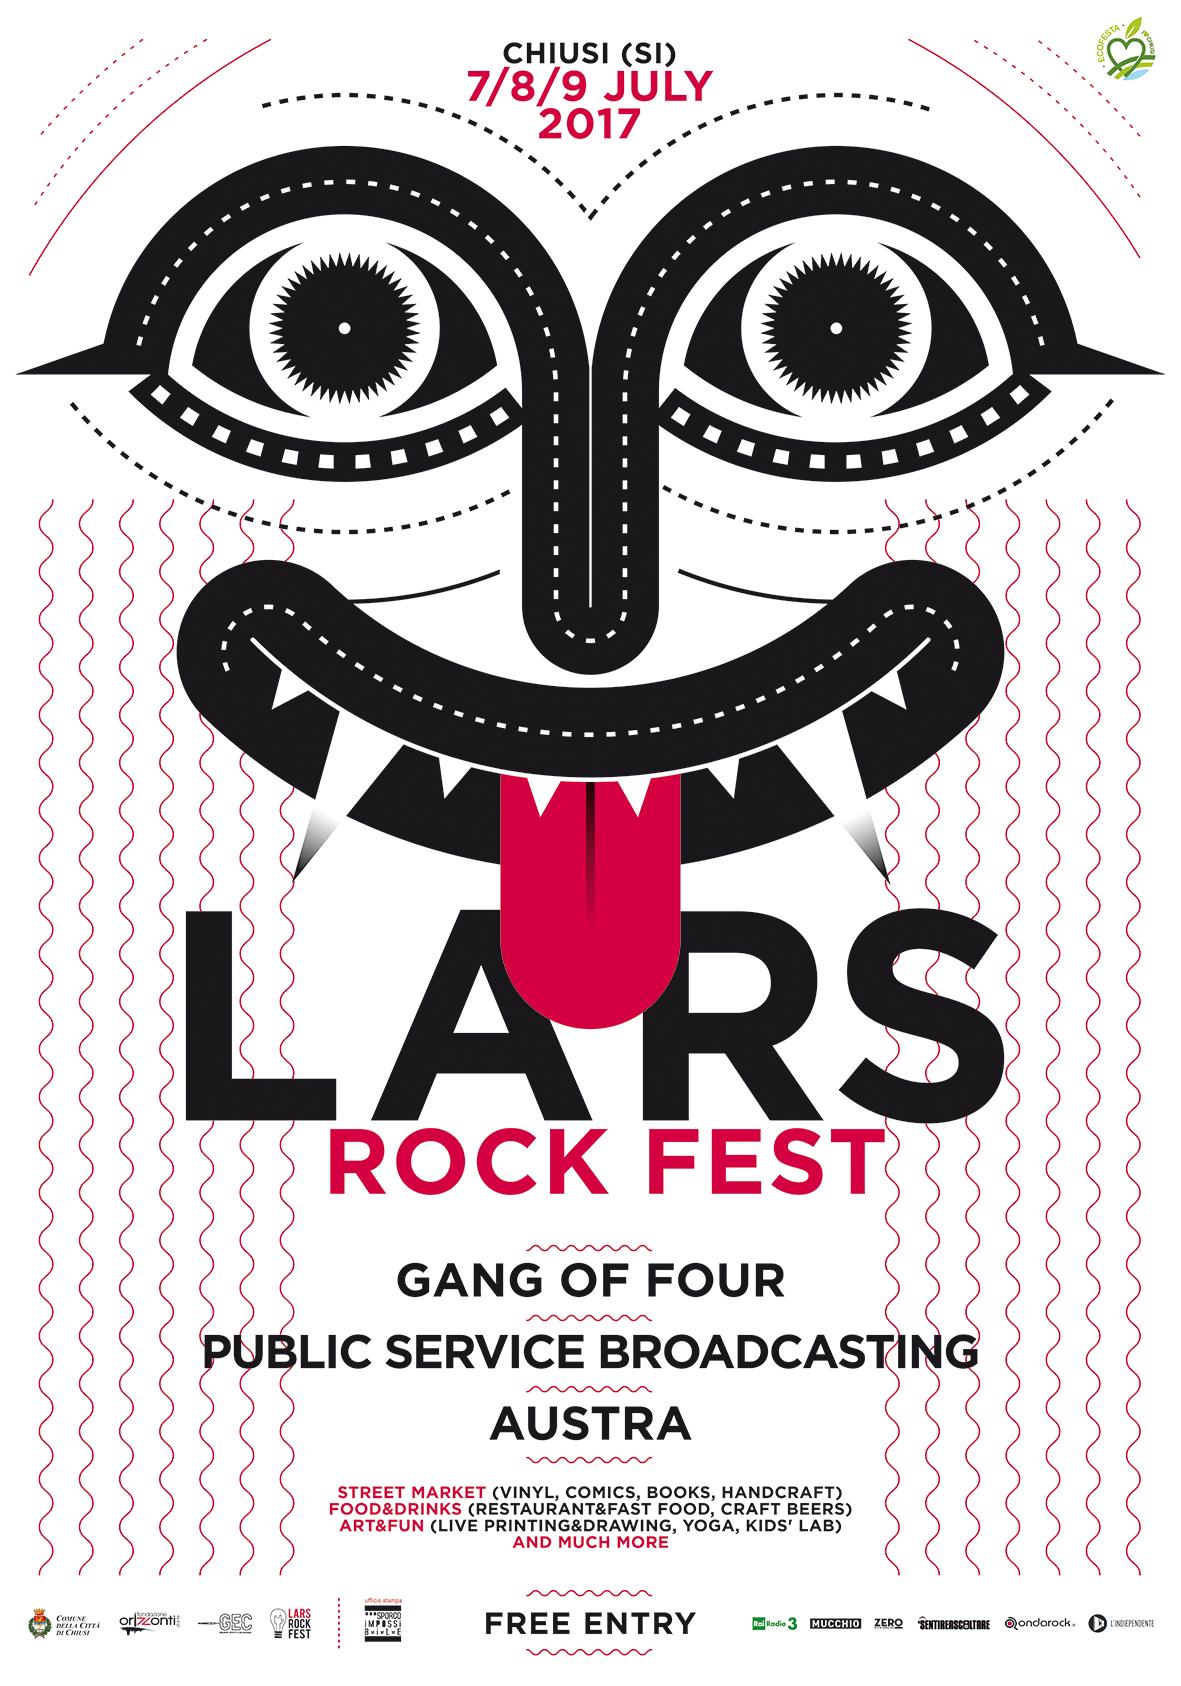 Lars Rock Fest, al via l'edizione 2017. Guida completa